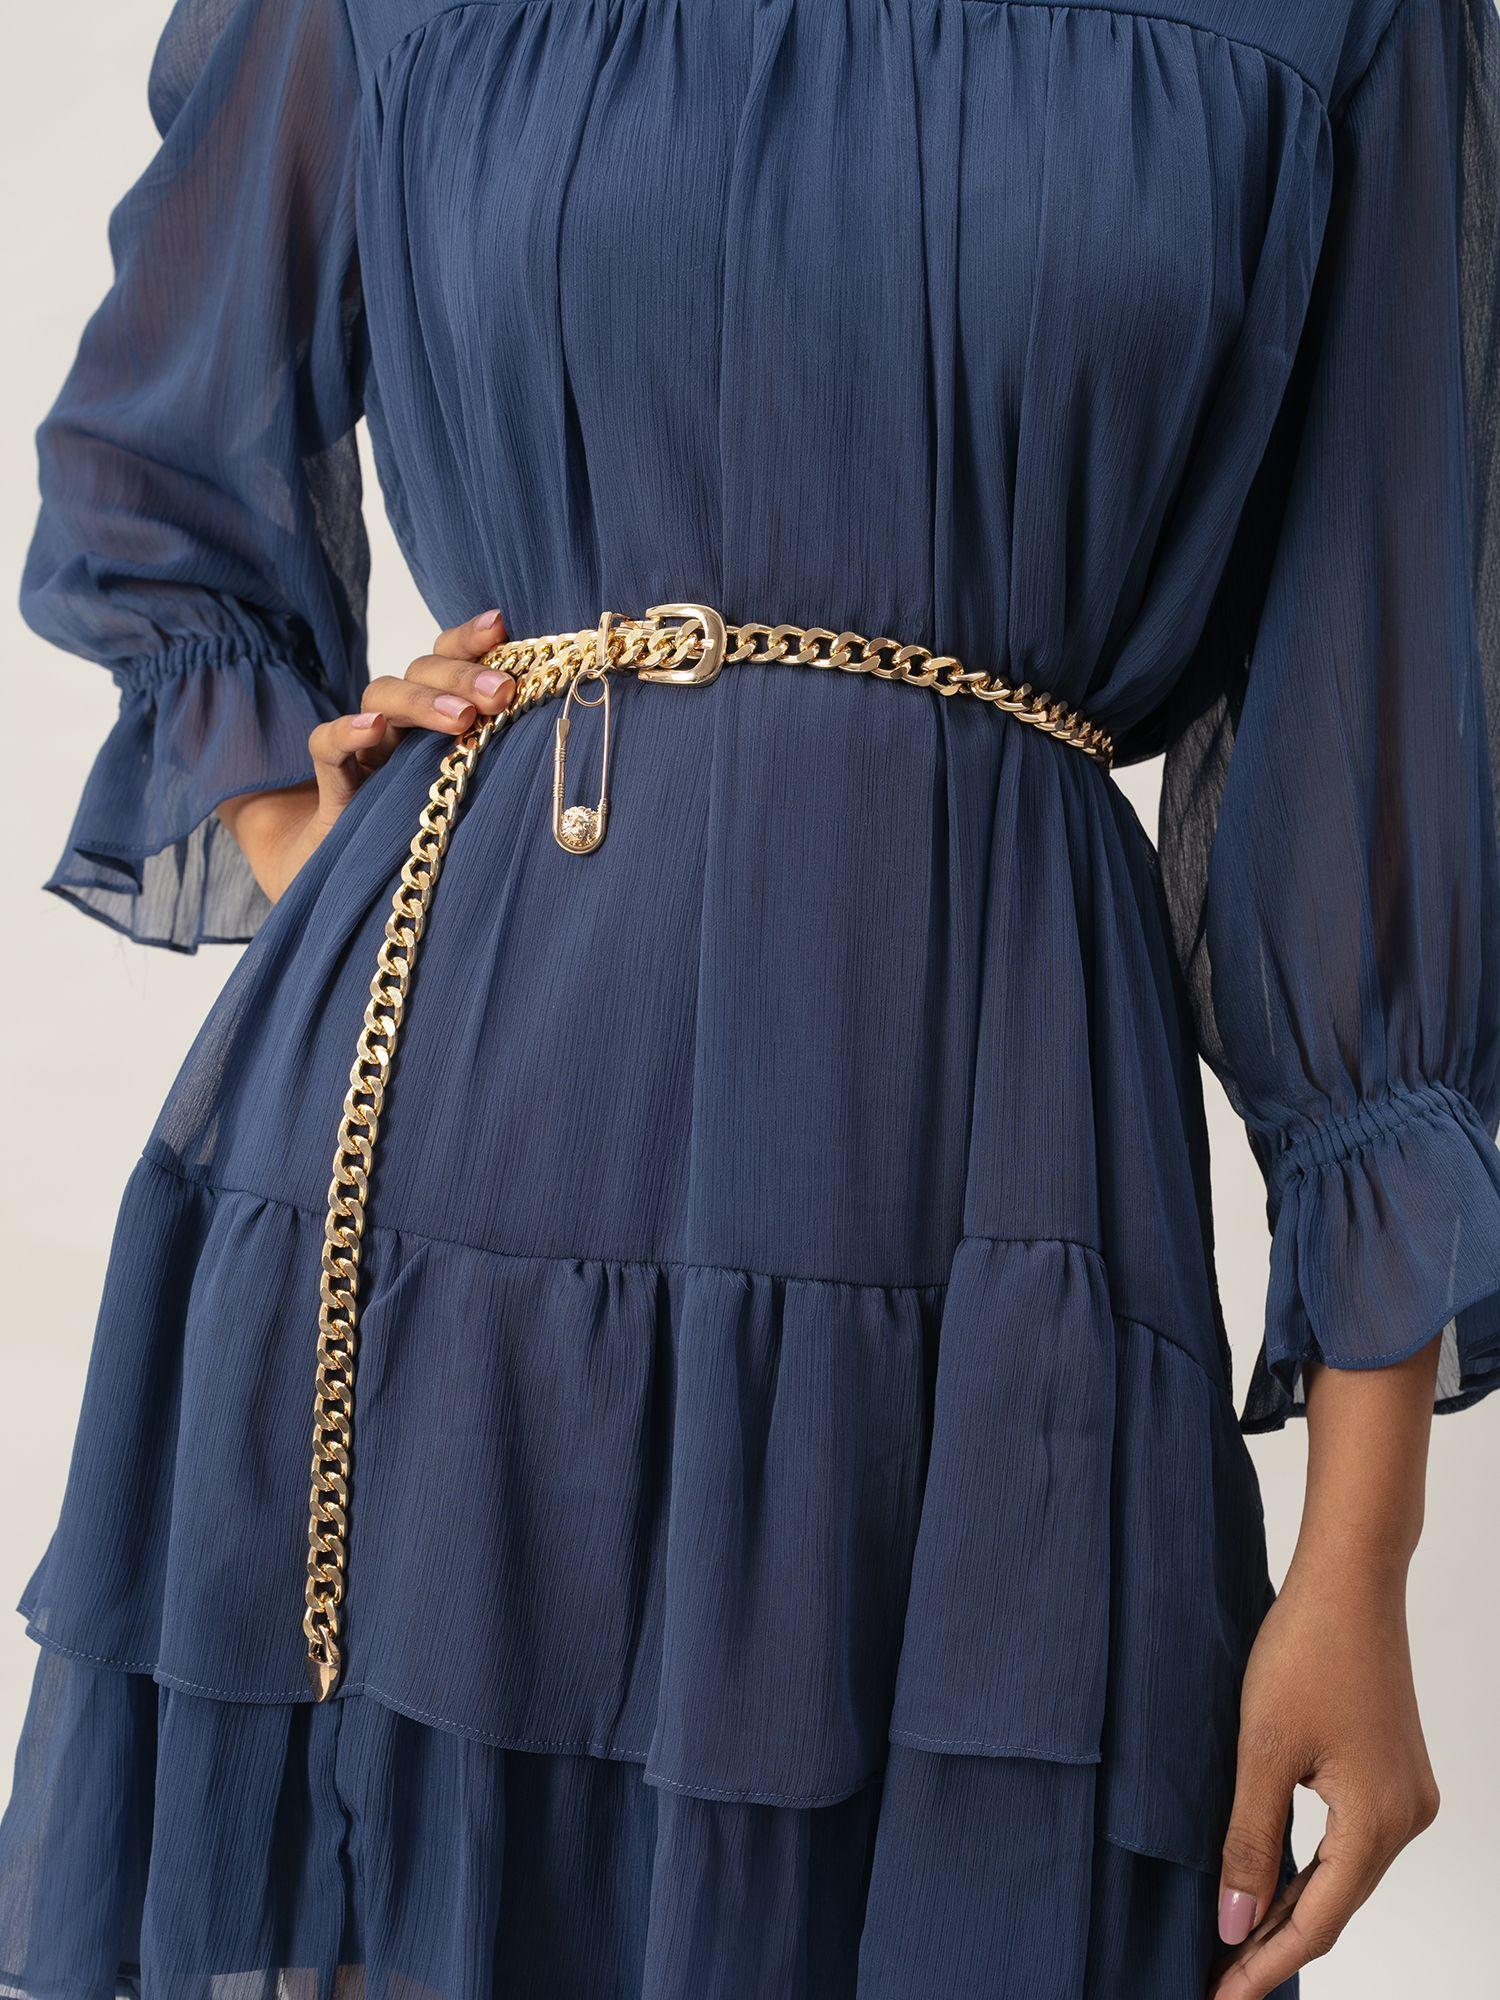 Belts-Chained By Heart Belt2